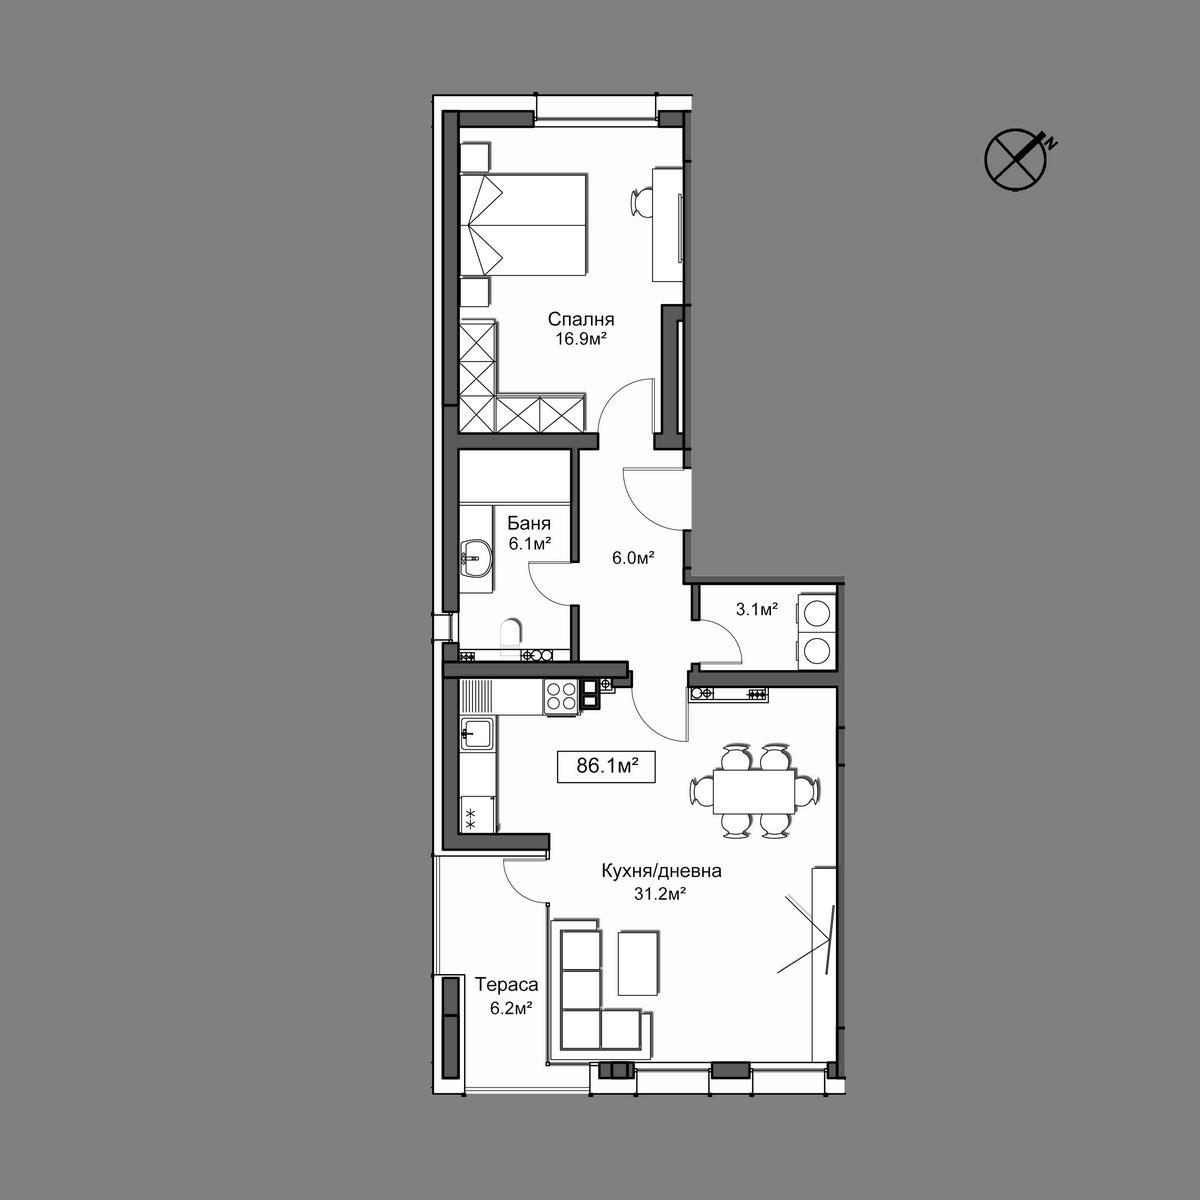 Апартамент 33